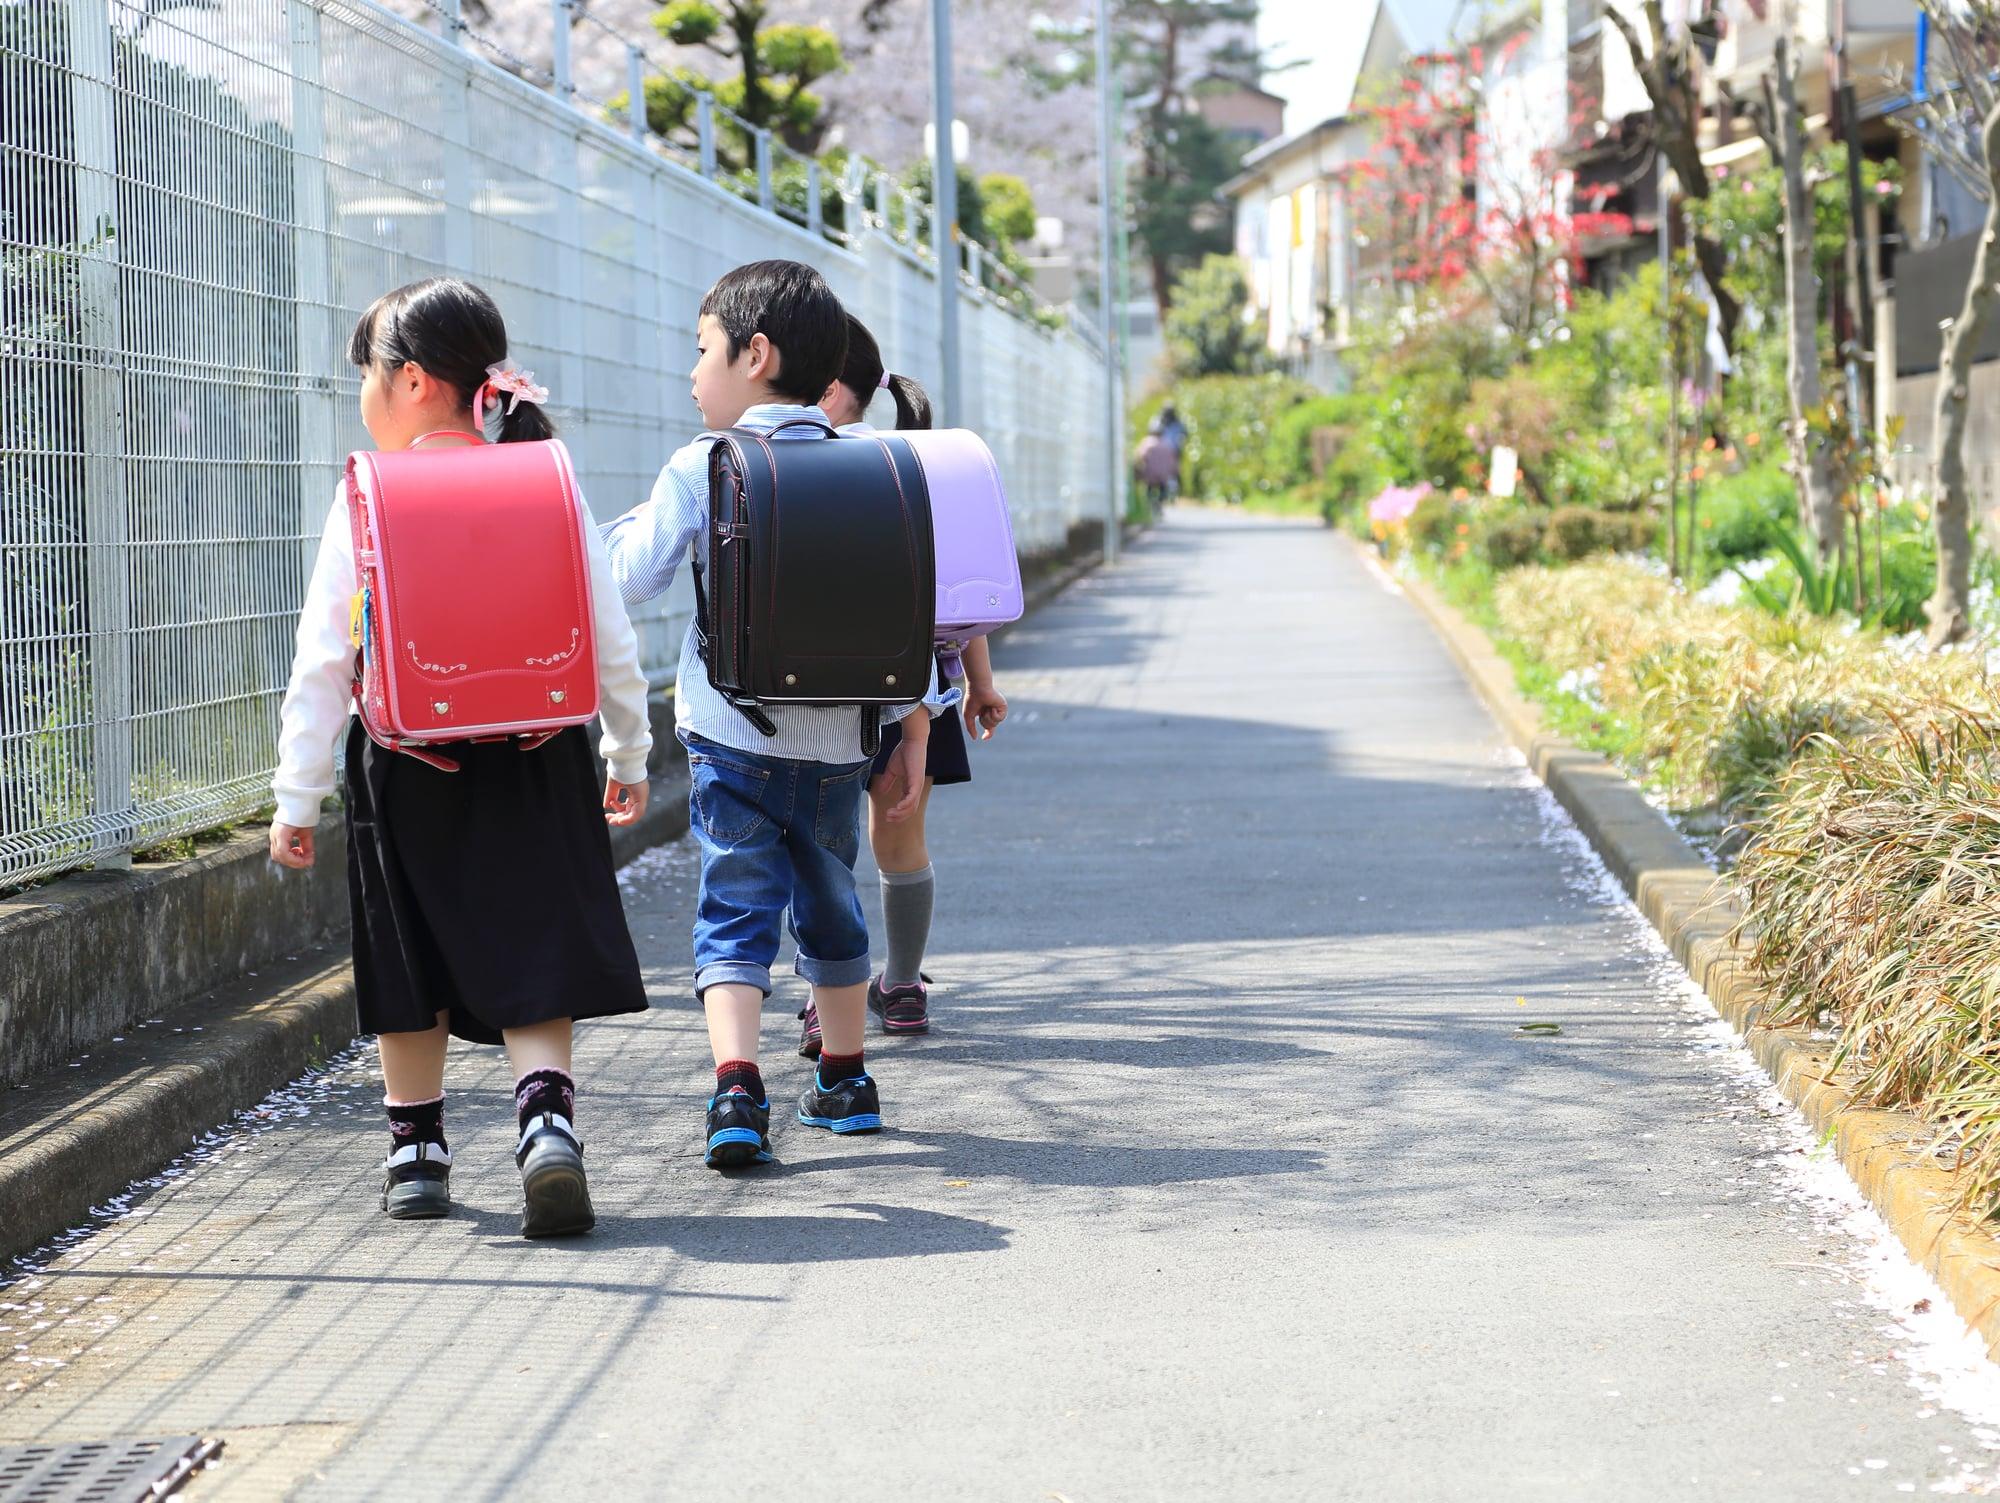 小学校の登下校、子どもを安全を守るためにしている防犯対策はなんですか?